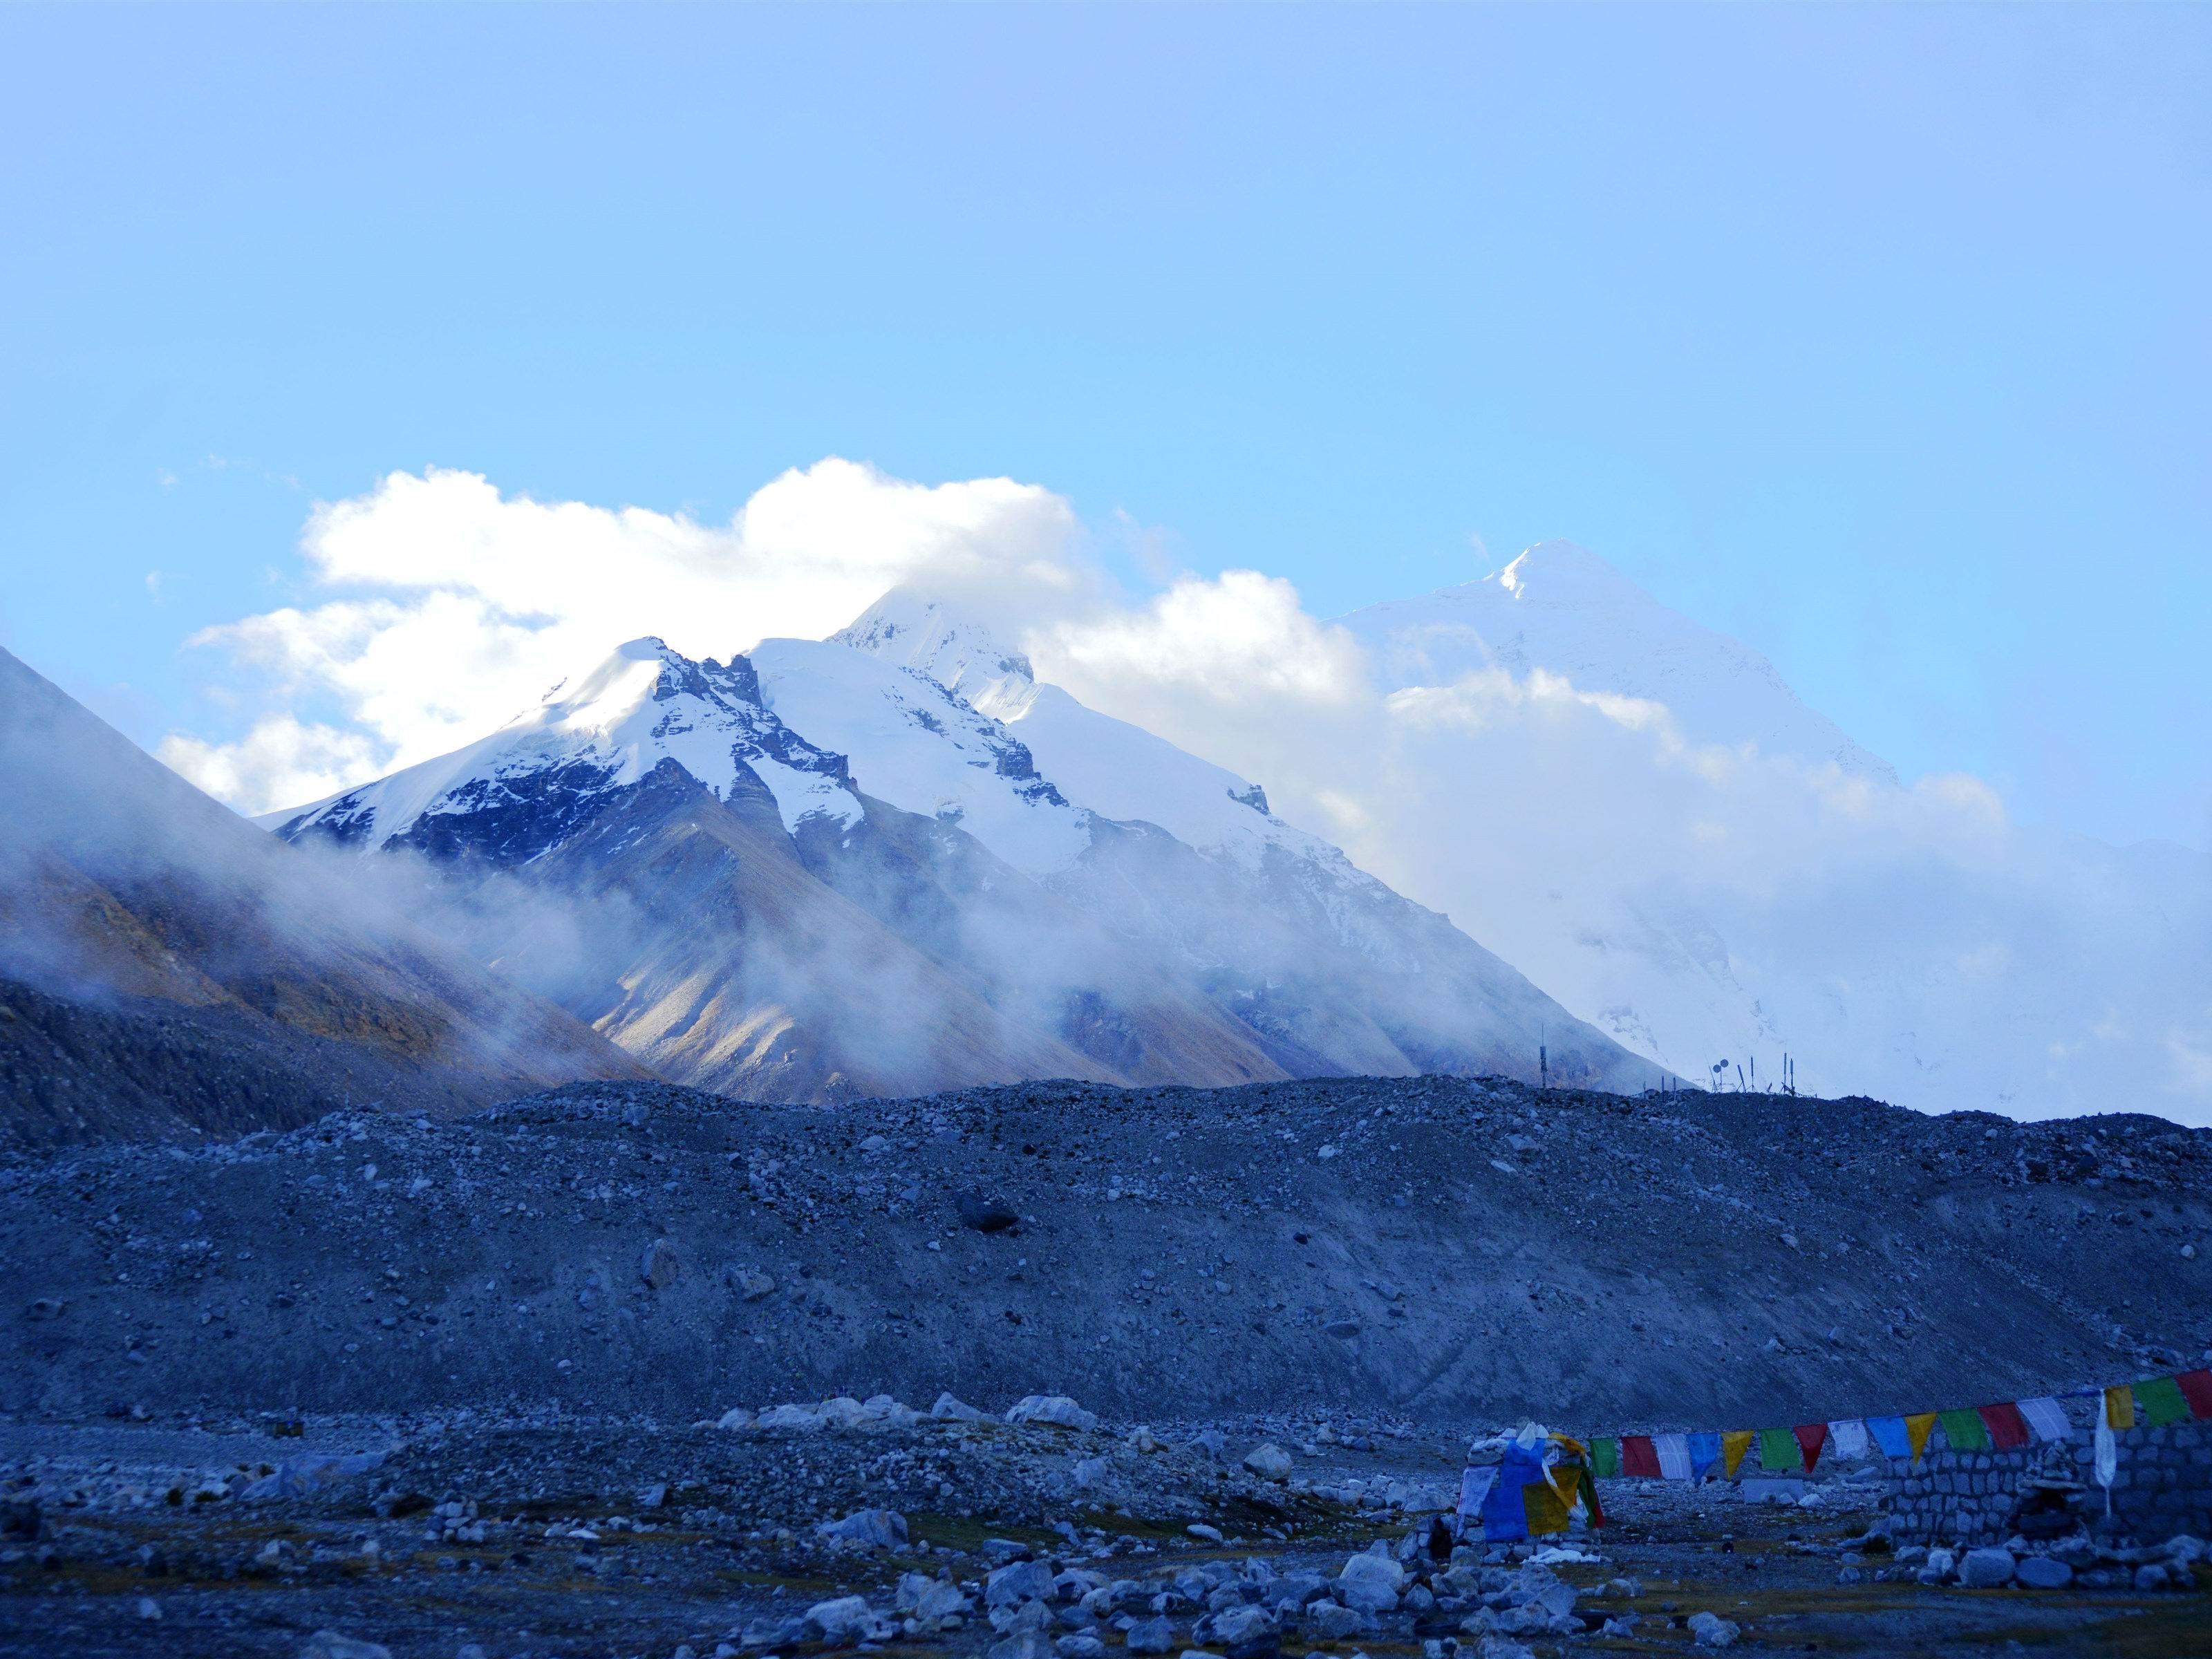 【v粉壁纸】珠穆朗玛峰风景高清图片-资源分享-vivov